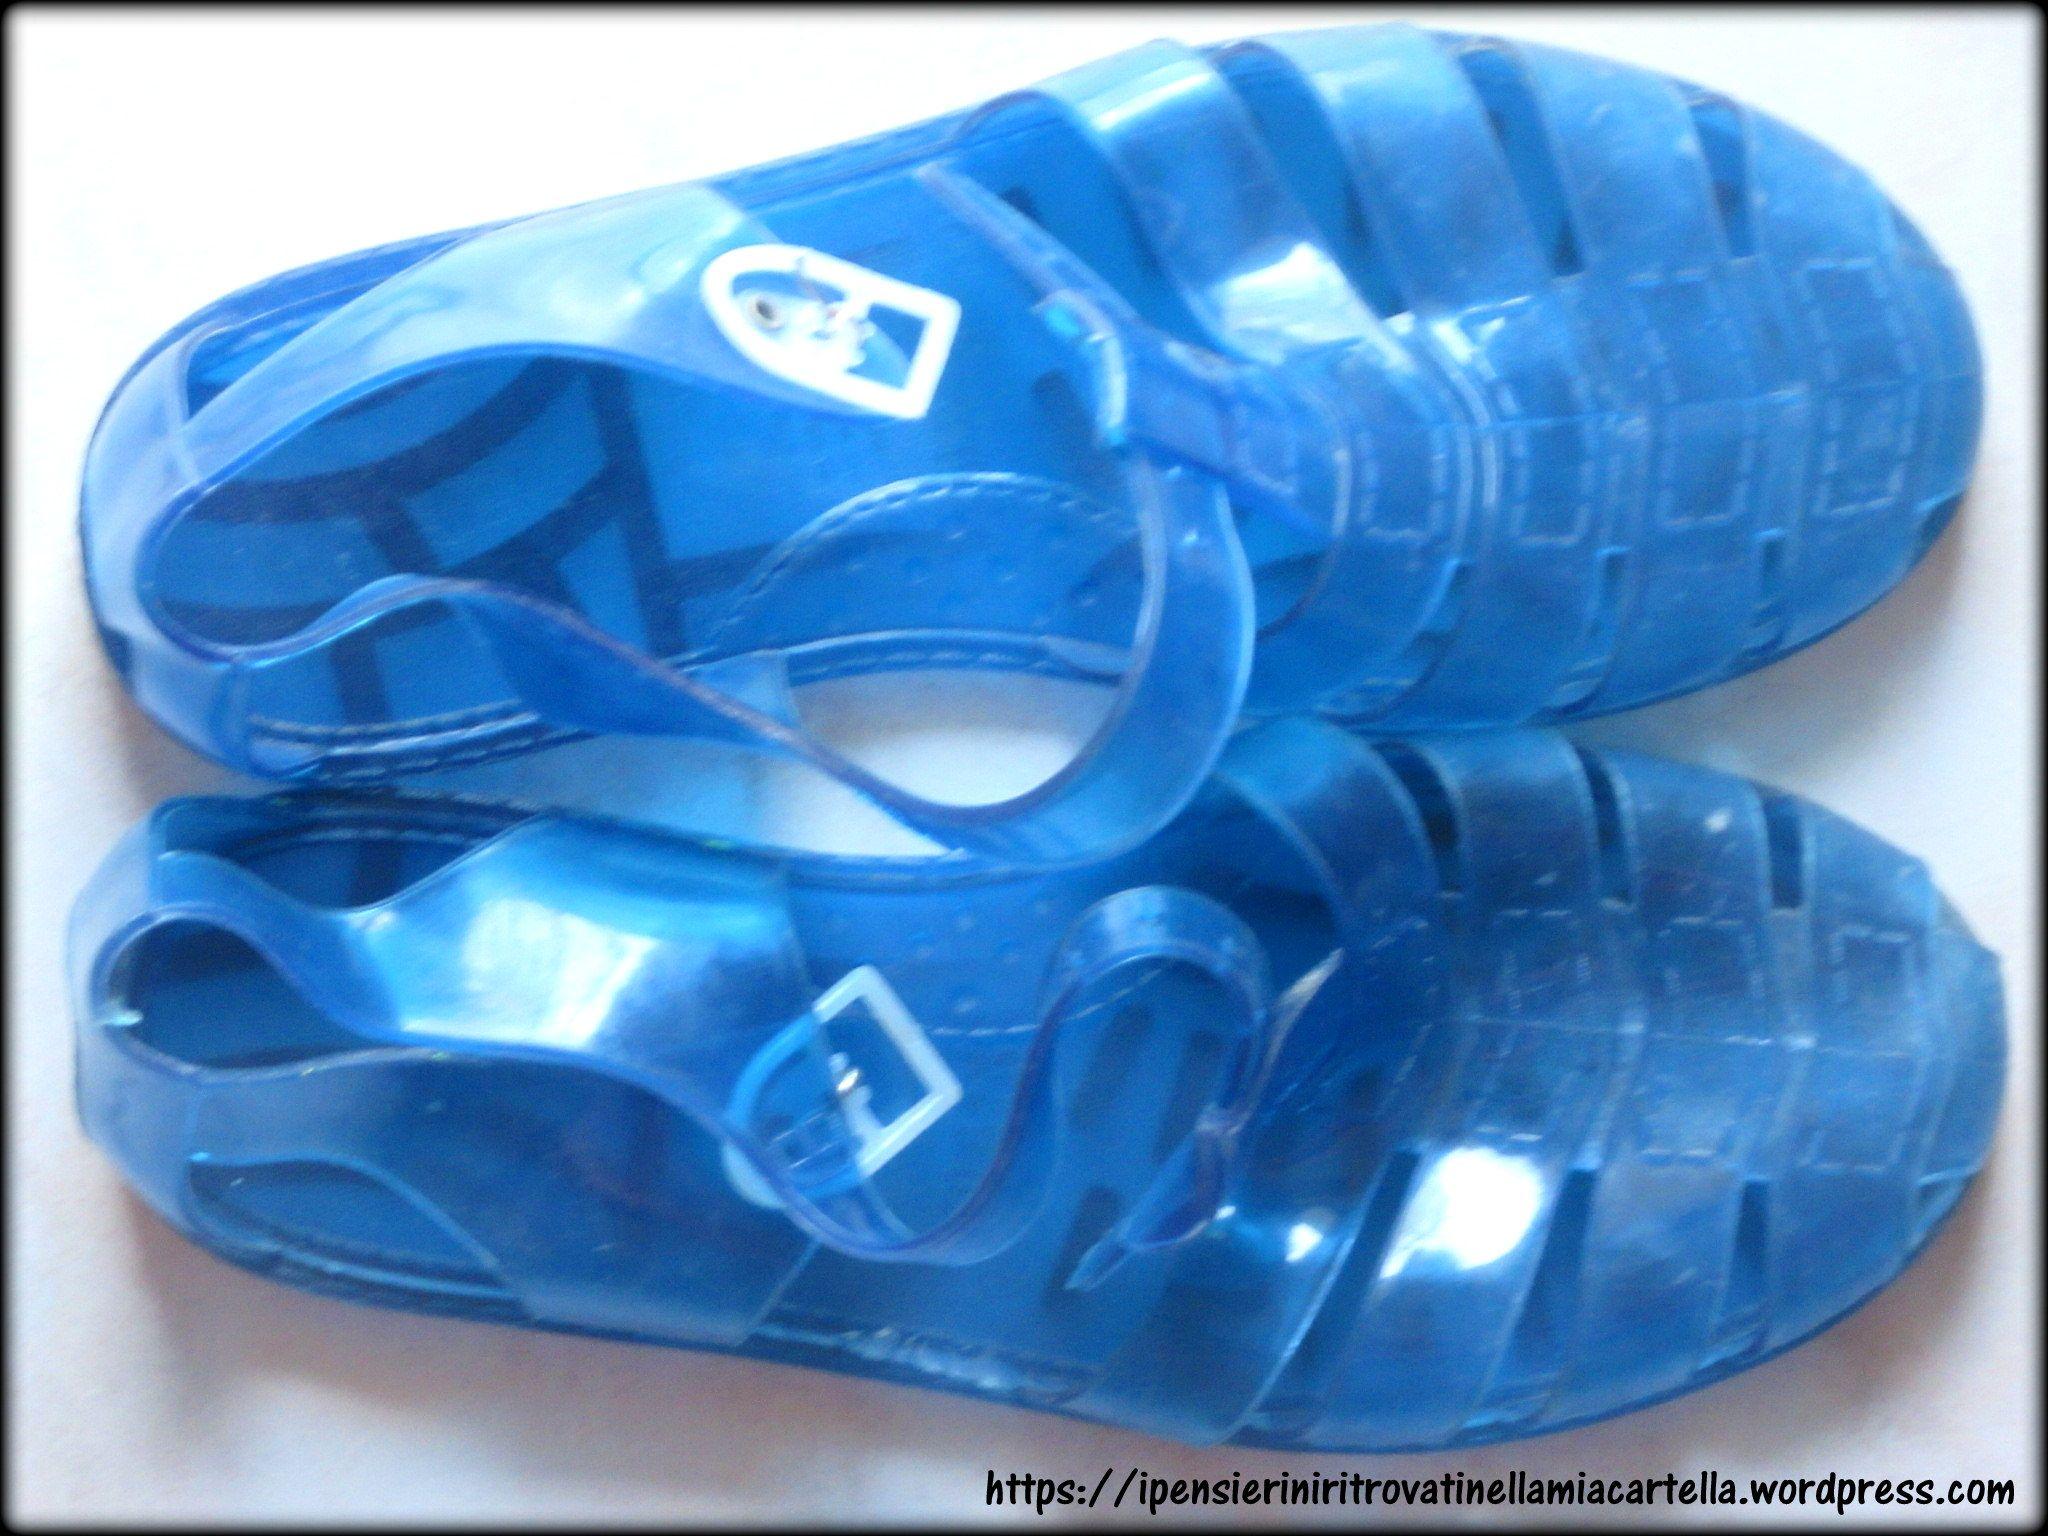 codice coupon scarpe casual all'avanguardia dei tempi Ricordo del passato – I sandali di gomma anni '80 | I ...